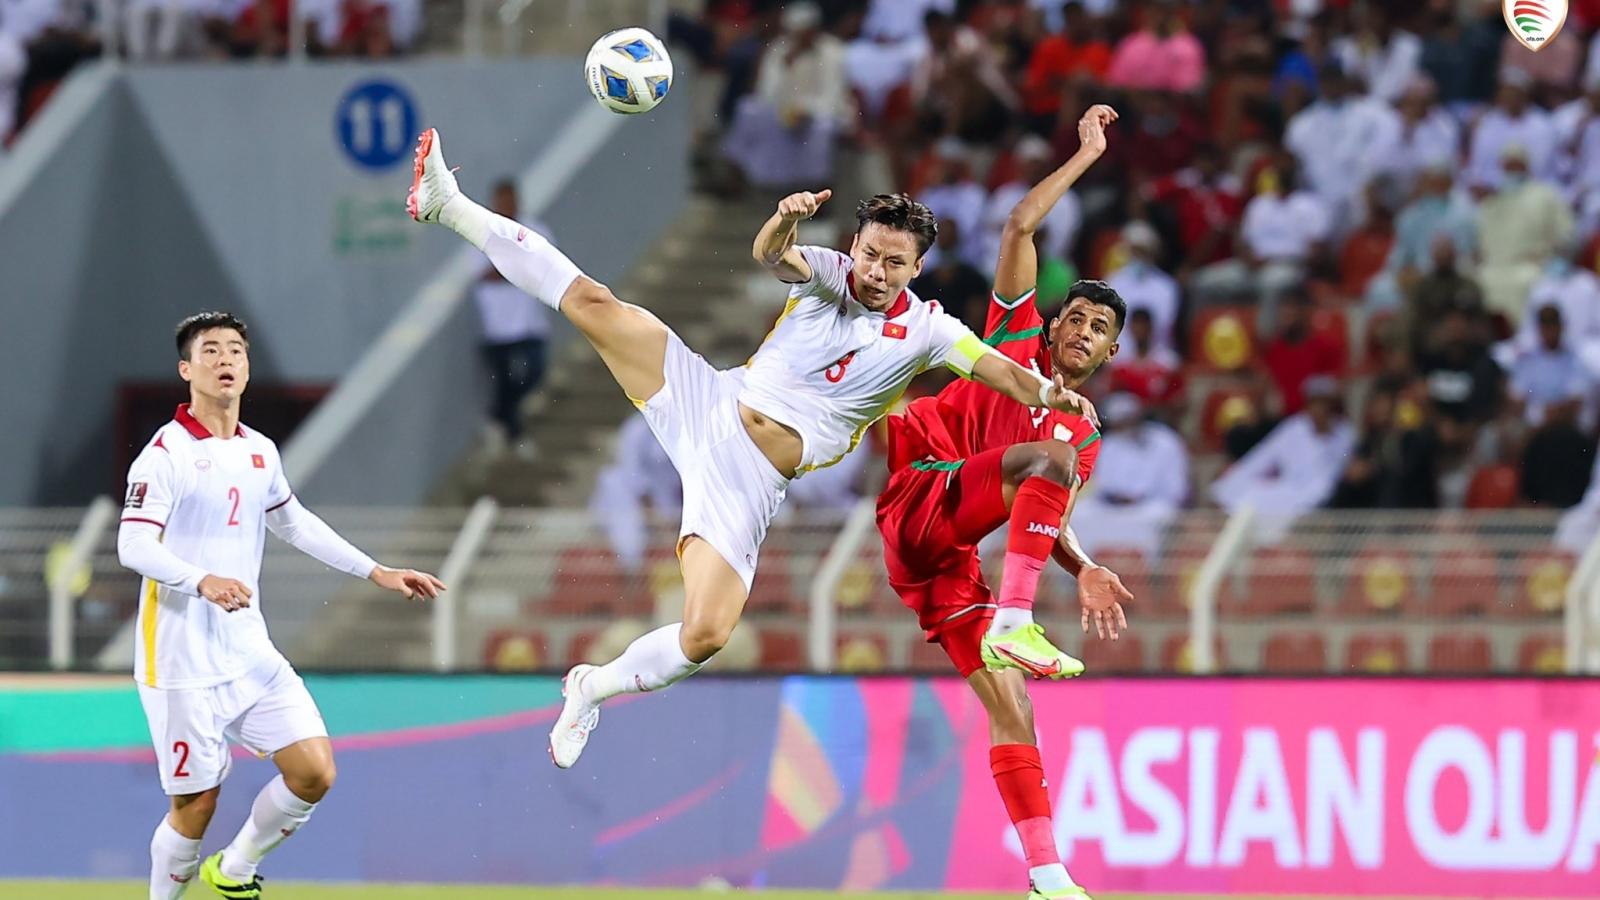 Xếp hạng bảng B vòng loại World Cup 2022: ĐT Việt Nam vẫn chưa có điểm